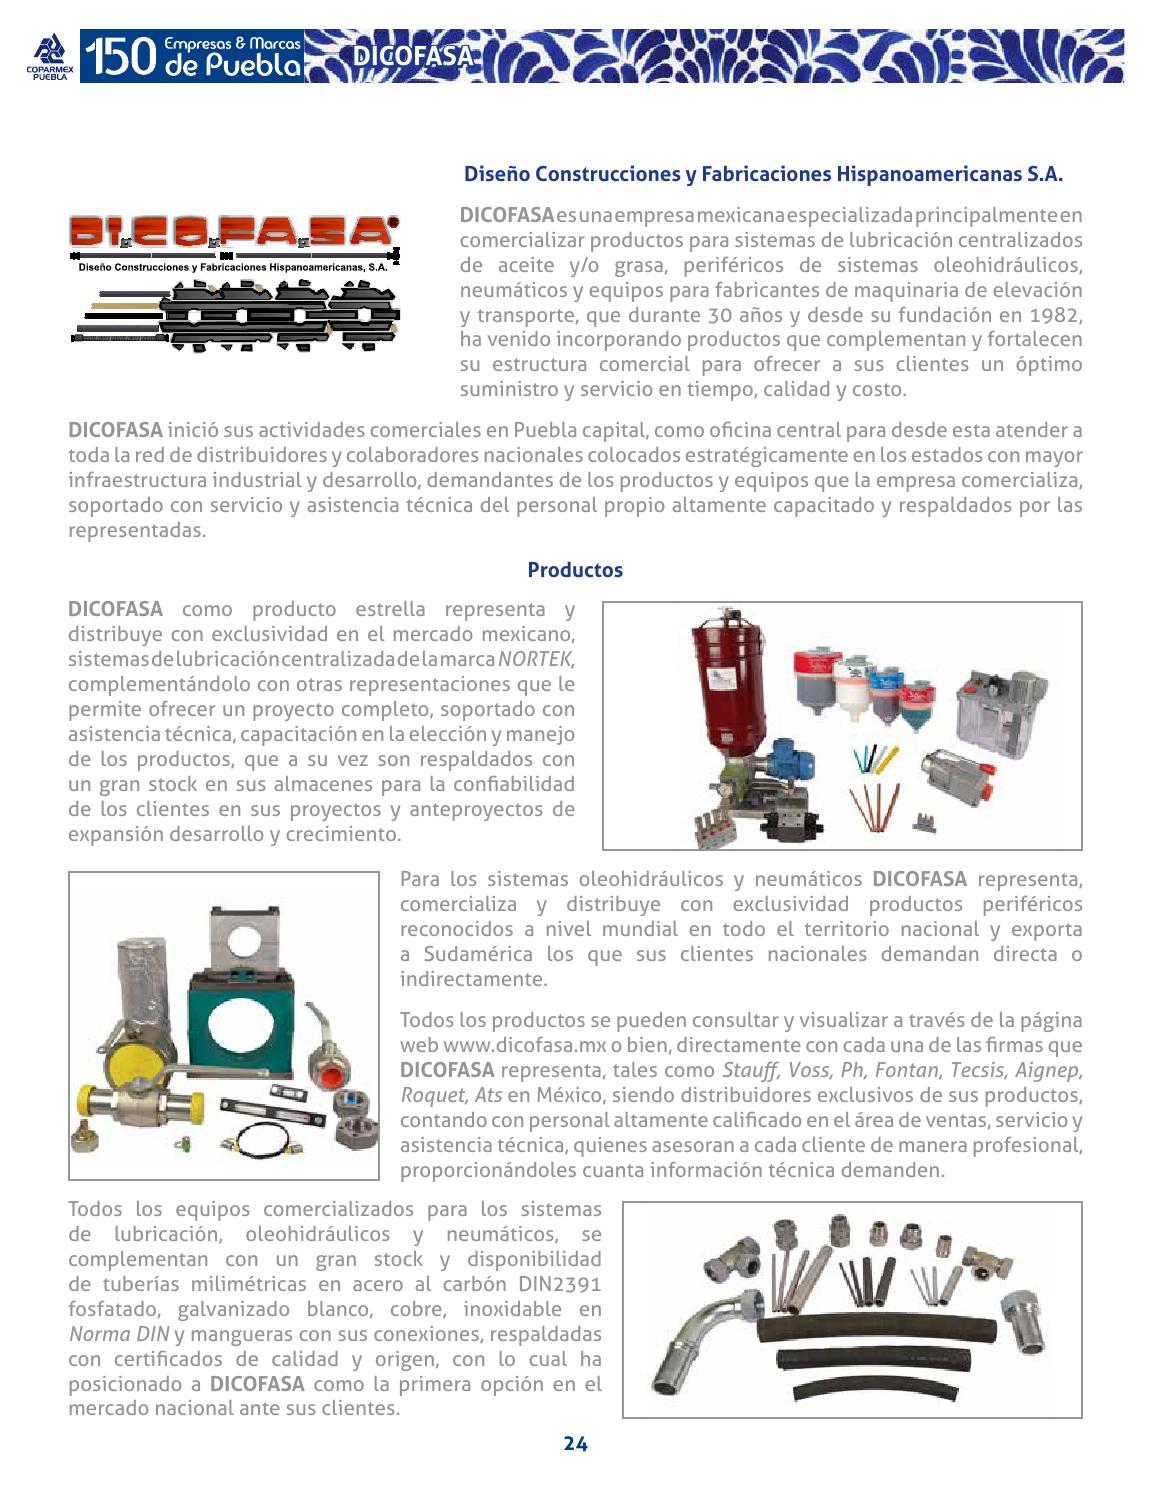 5f1c3d8d795 150 empresas que puebla hace y hacen a puebla by Marcas Coparmex - issuu